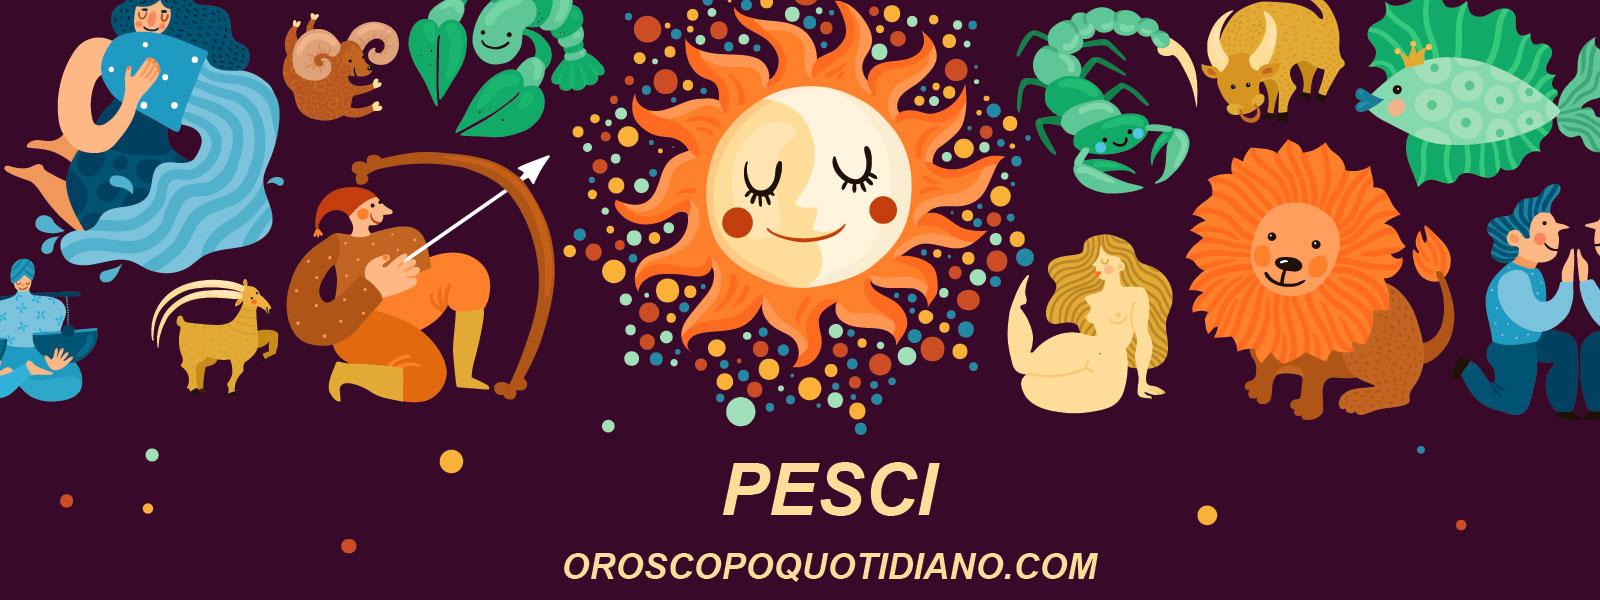 https://oroscopoquotidiano.com/wp-content/uploads/2020/02/Pesci-per-Oroscopo-Quotidiano.jpg